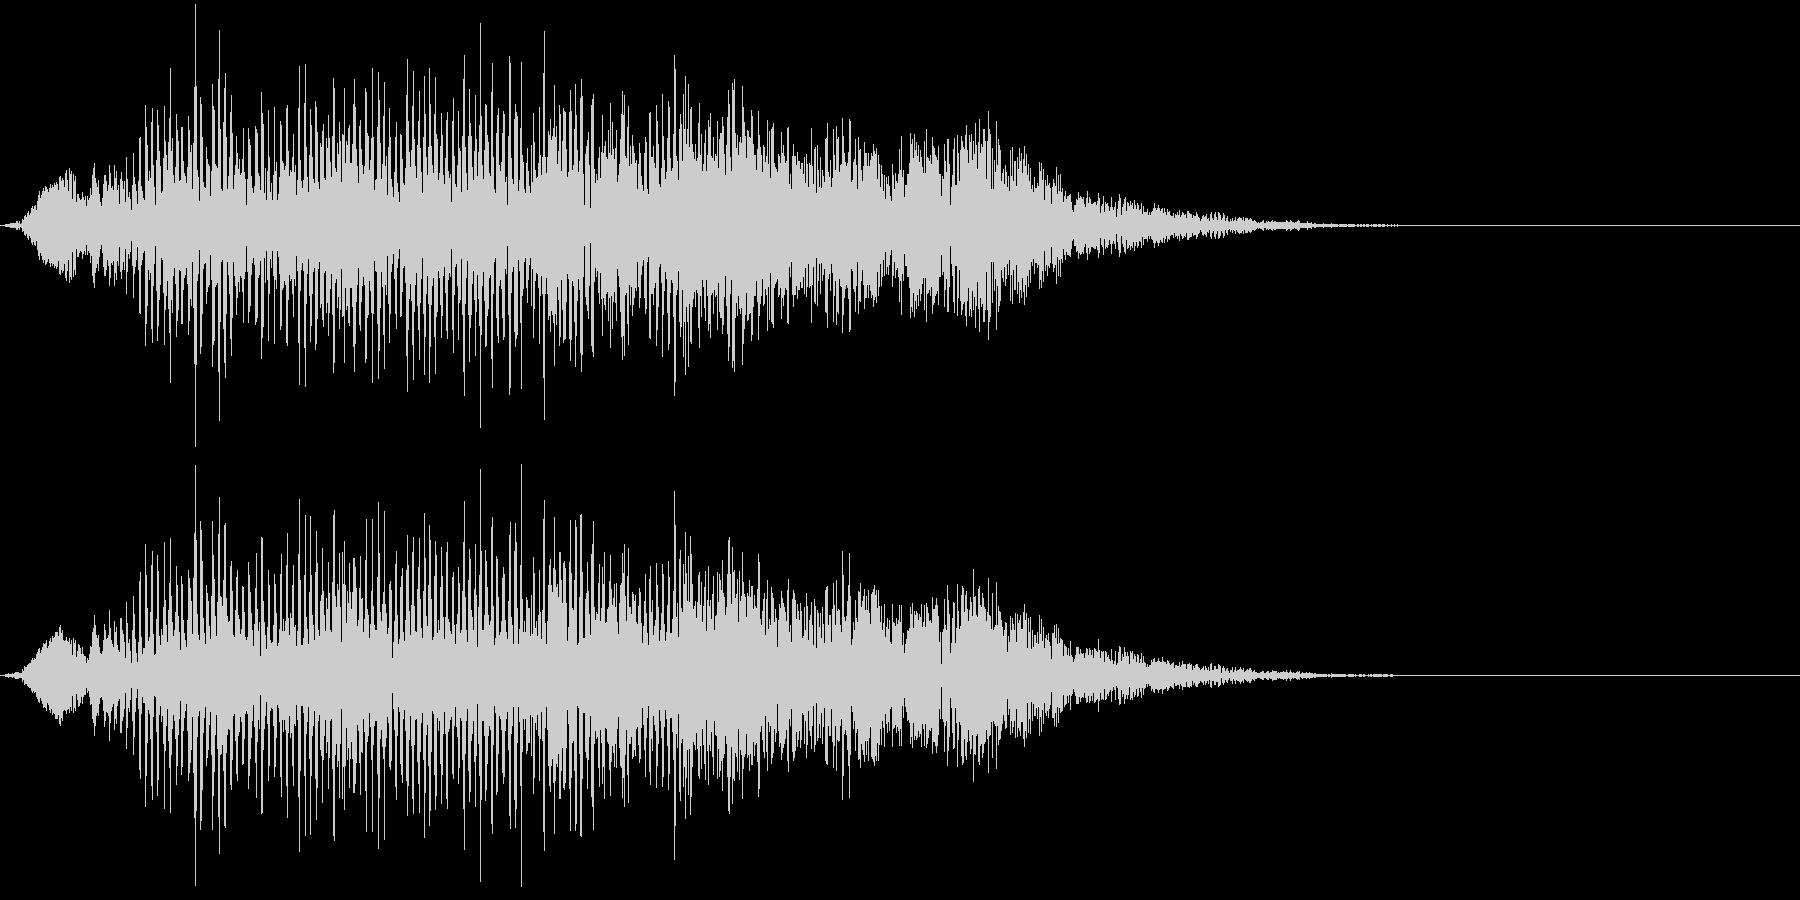 ニホンザルの鳴き声(ケンカし)の未再生の波形